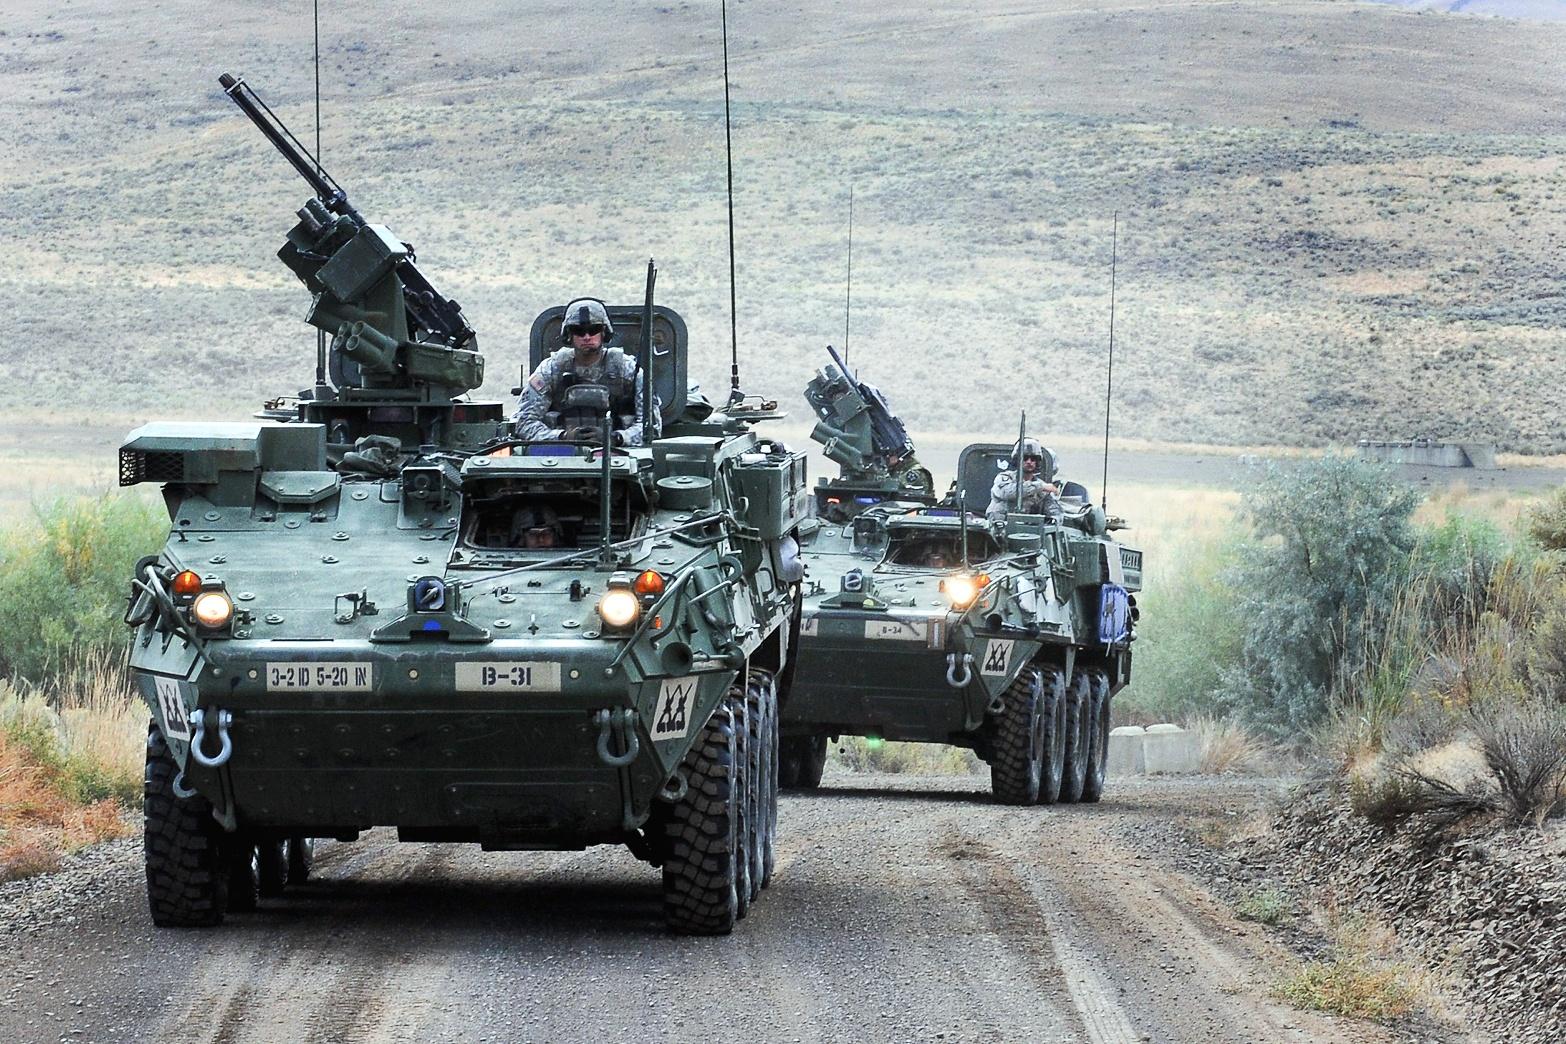 모든 스트라이커 여단의 장갑차를 개량하려는 미 육군